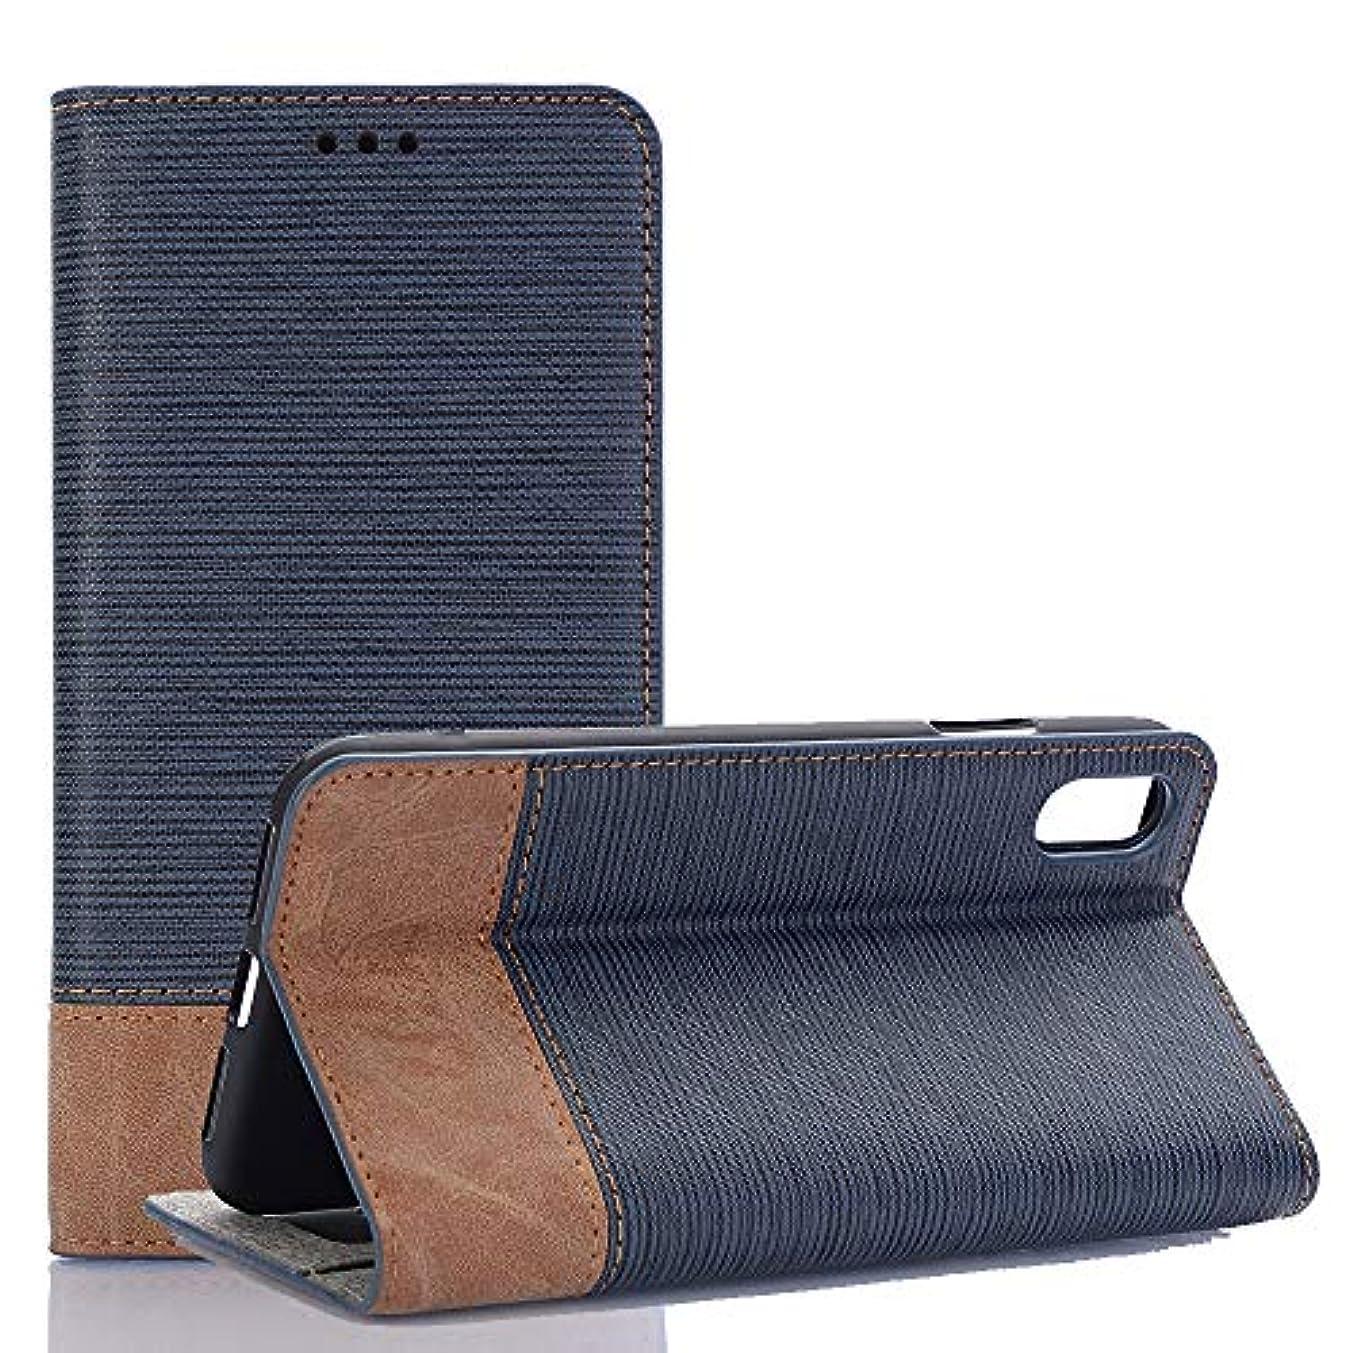 どこにも墓スツールGalaxy S9 ケース、INorton 本革ケース 全面保護 衝撃吸収 スタンド機能 カード収納 手帳型 スマートケース Galaxy S9対応